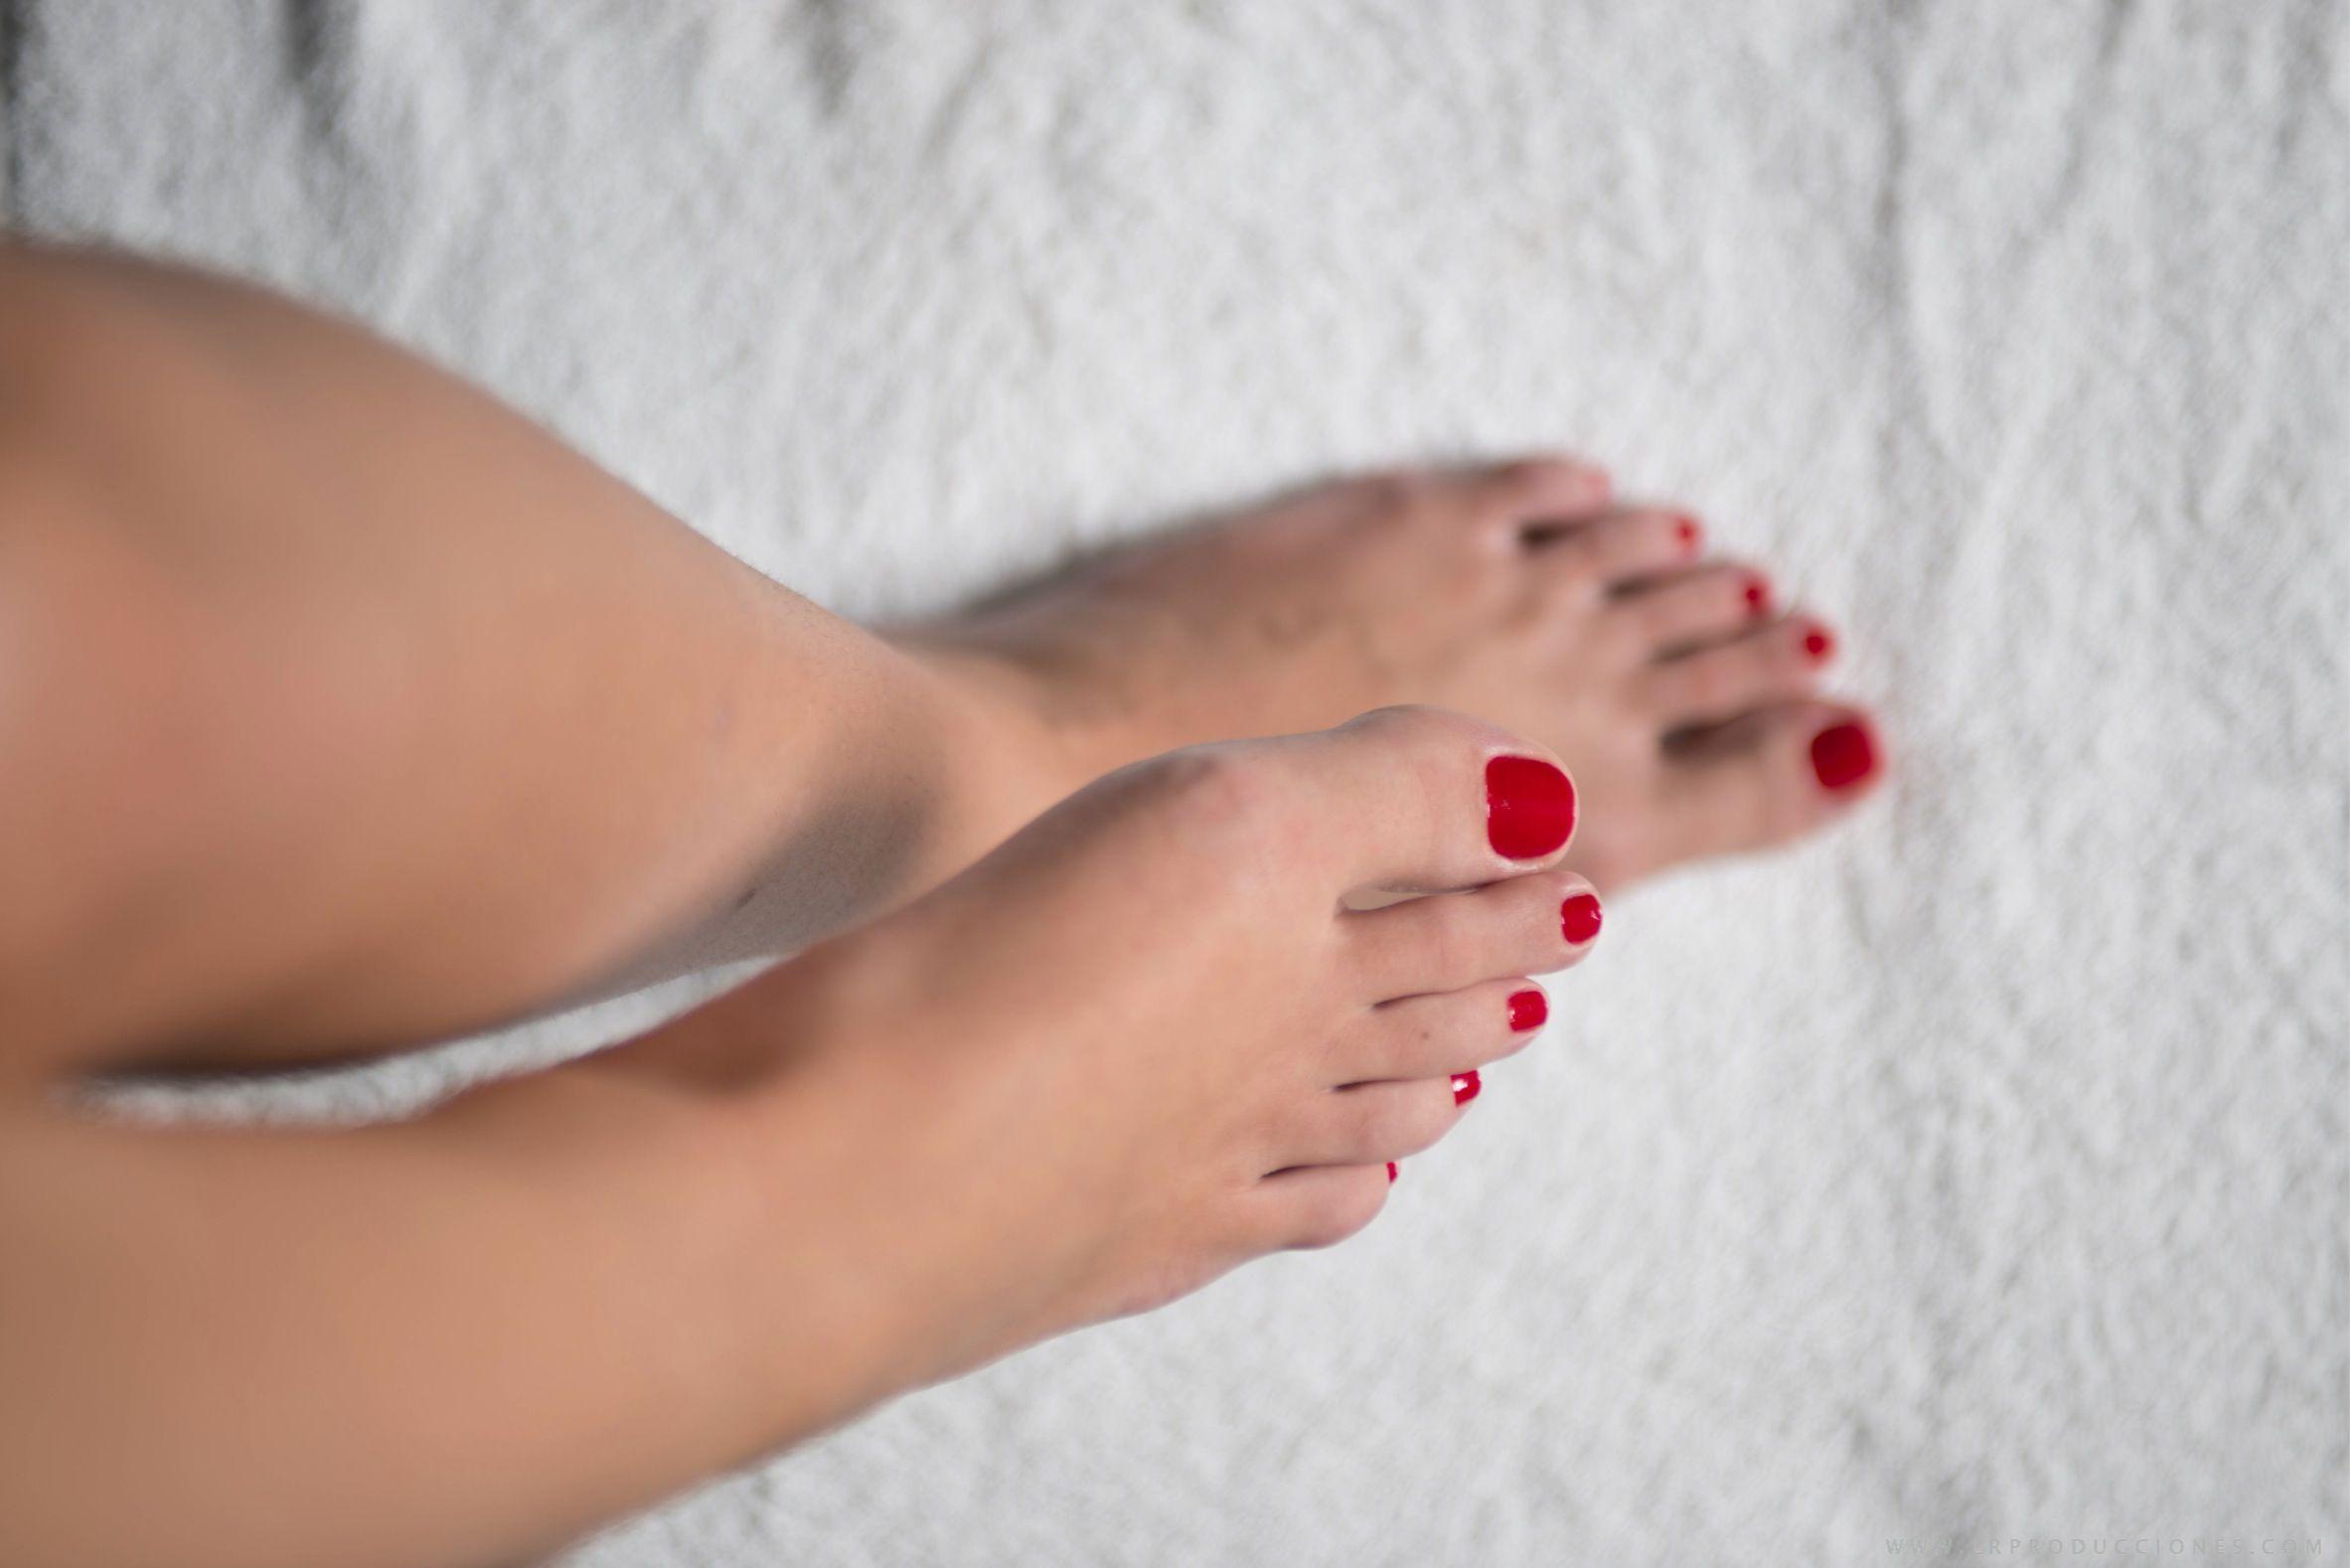 estética de uñas en Nivel 1   Manos y pies, Estetica, Uñas